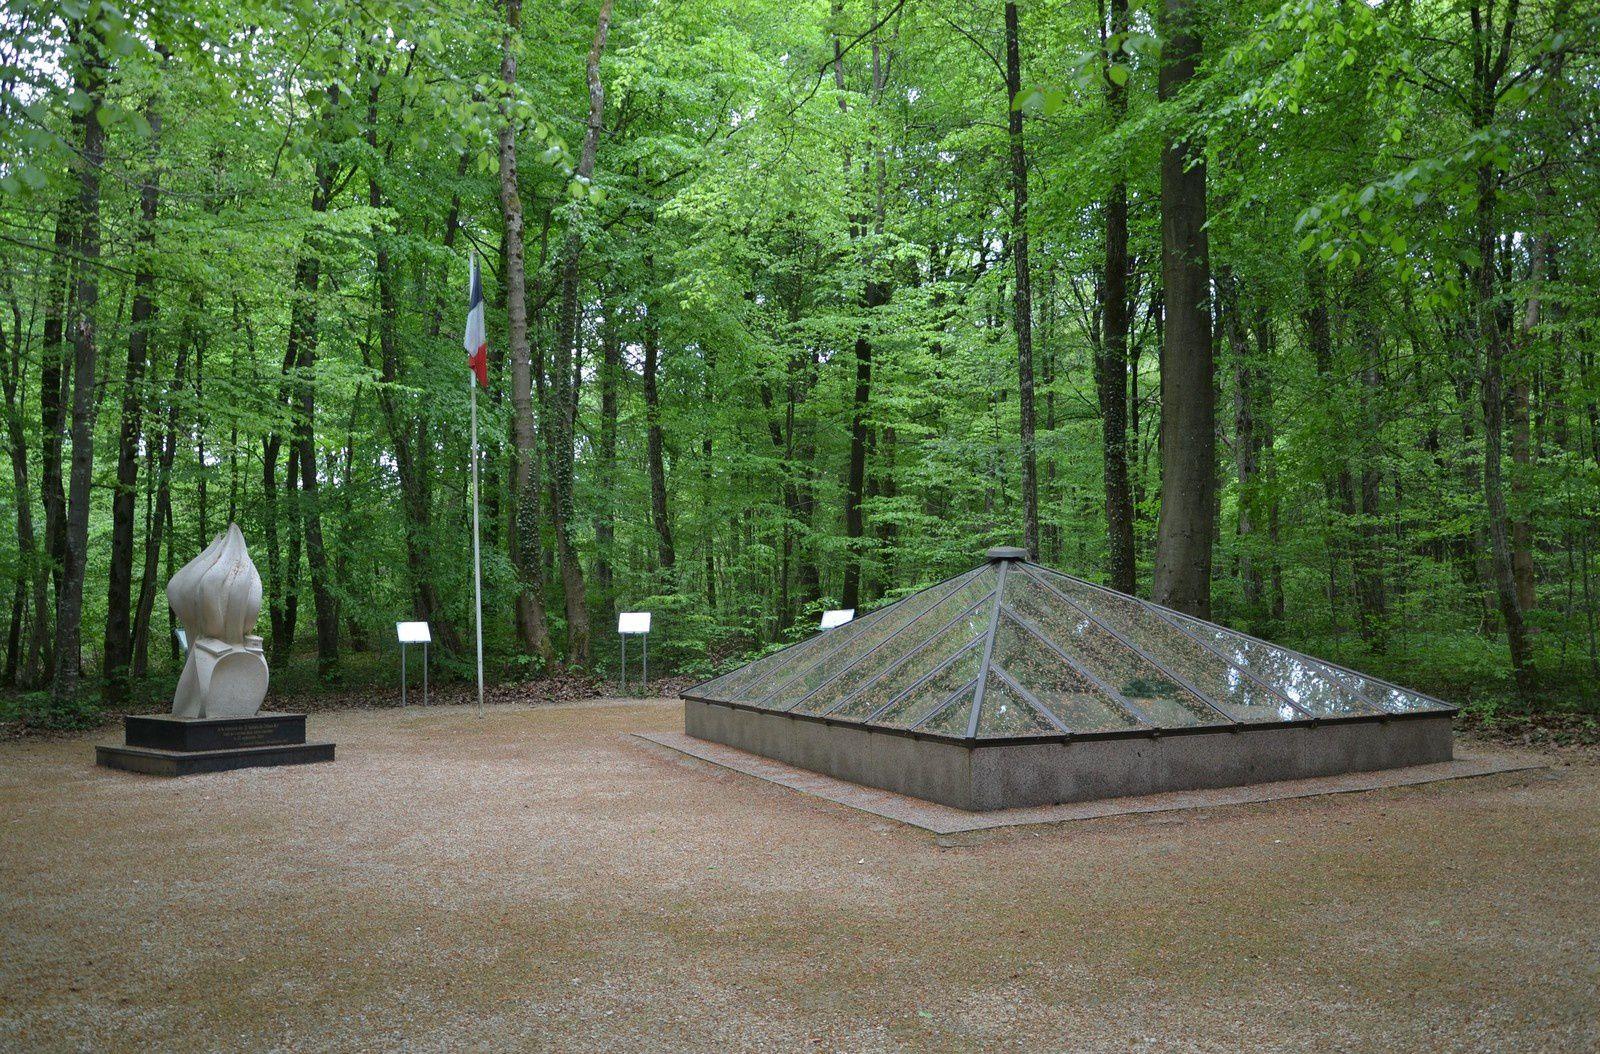 Les Eparges : Alain Fournier - la tombe d'Alain Fournier à Saint-Rémy-la-Calonne - La fosse où furent retrouvés Alain Fournier et ses hommes en 1991.